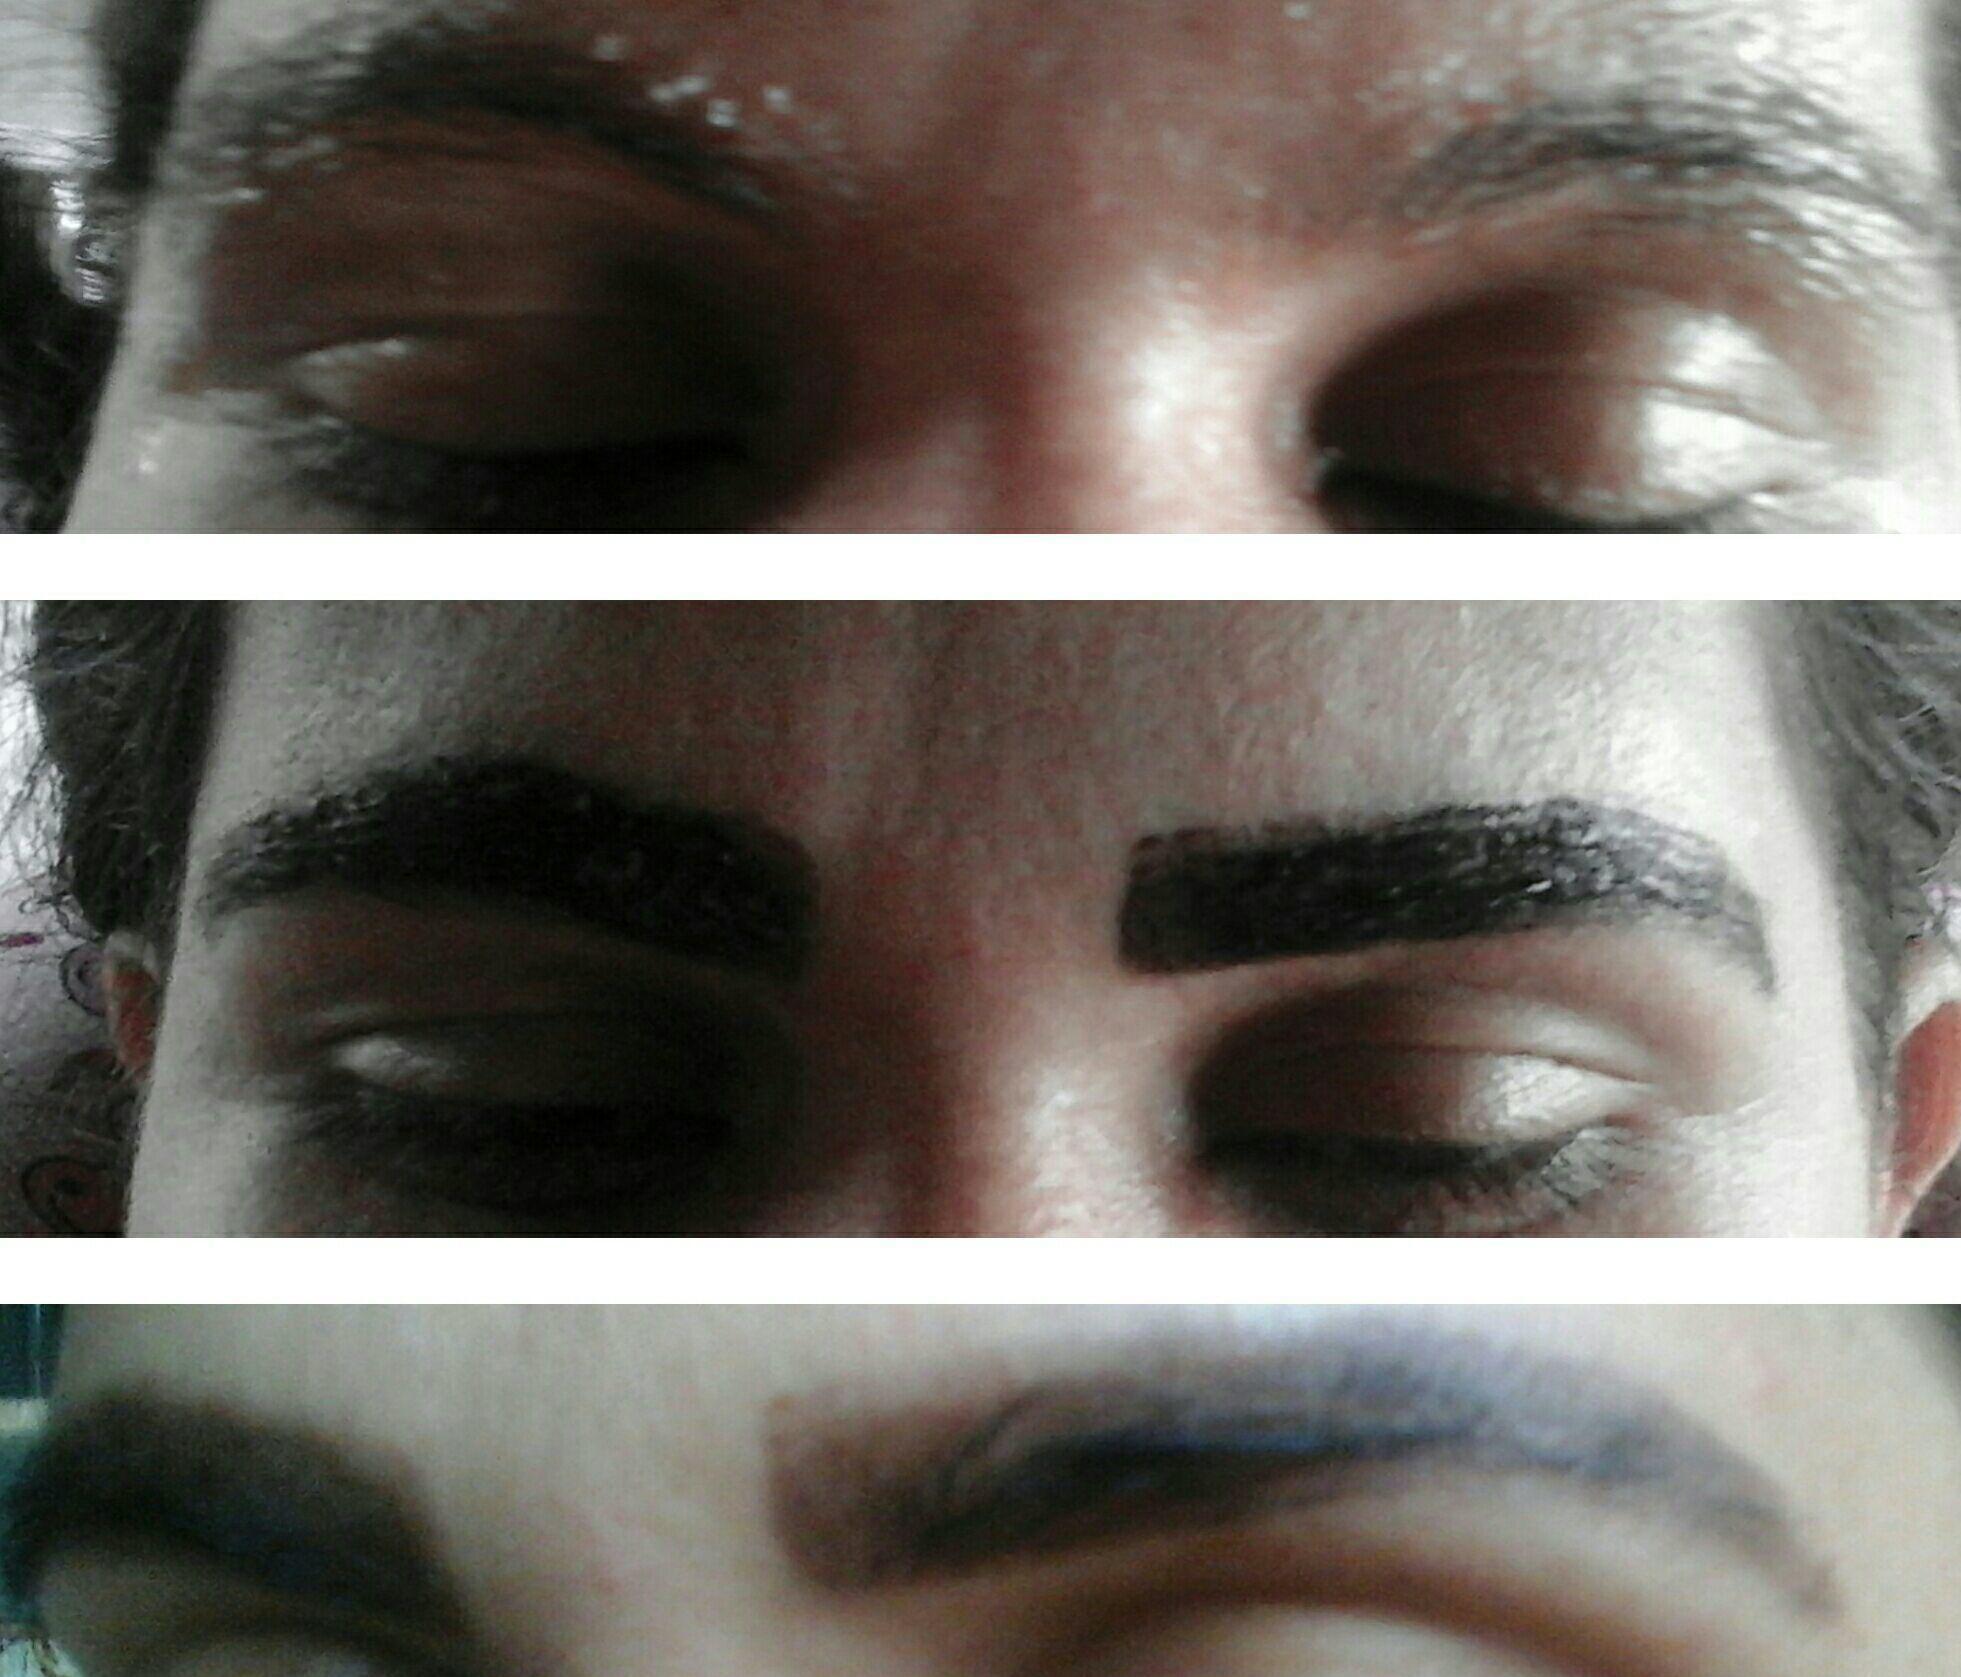 Design de sobrancelhas e correção com henna. #designdesobrancelhas #henna #sobrancelhas #design estética maquiador(a) assistente maquiador(a) designer de sobrancelhas depilador(a)